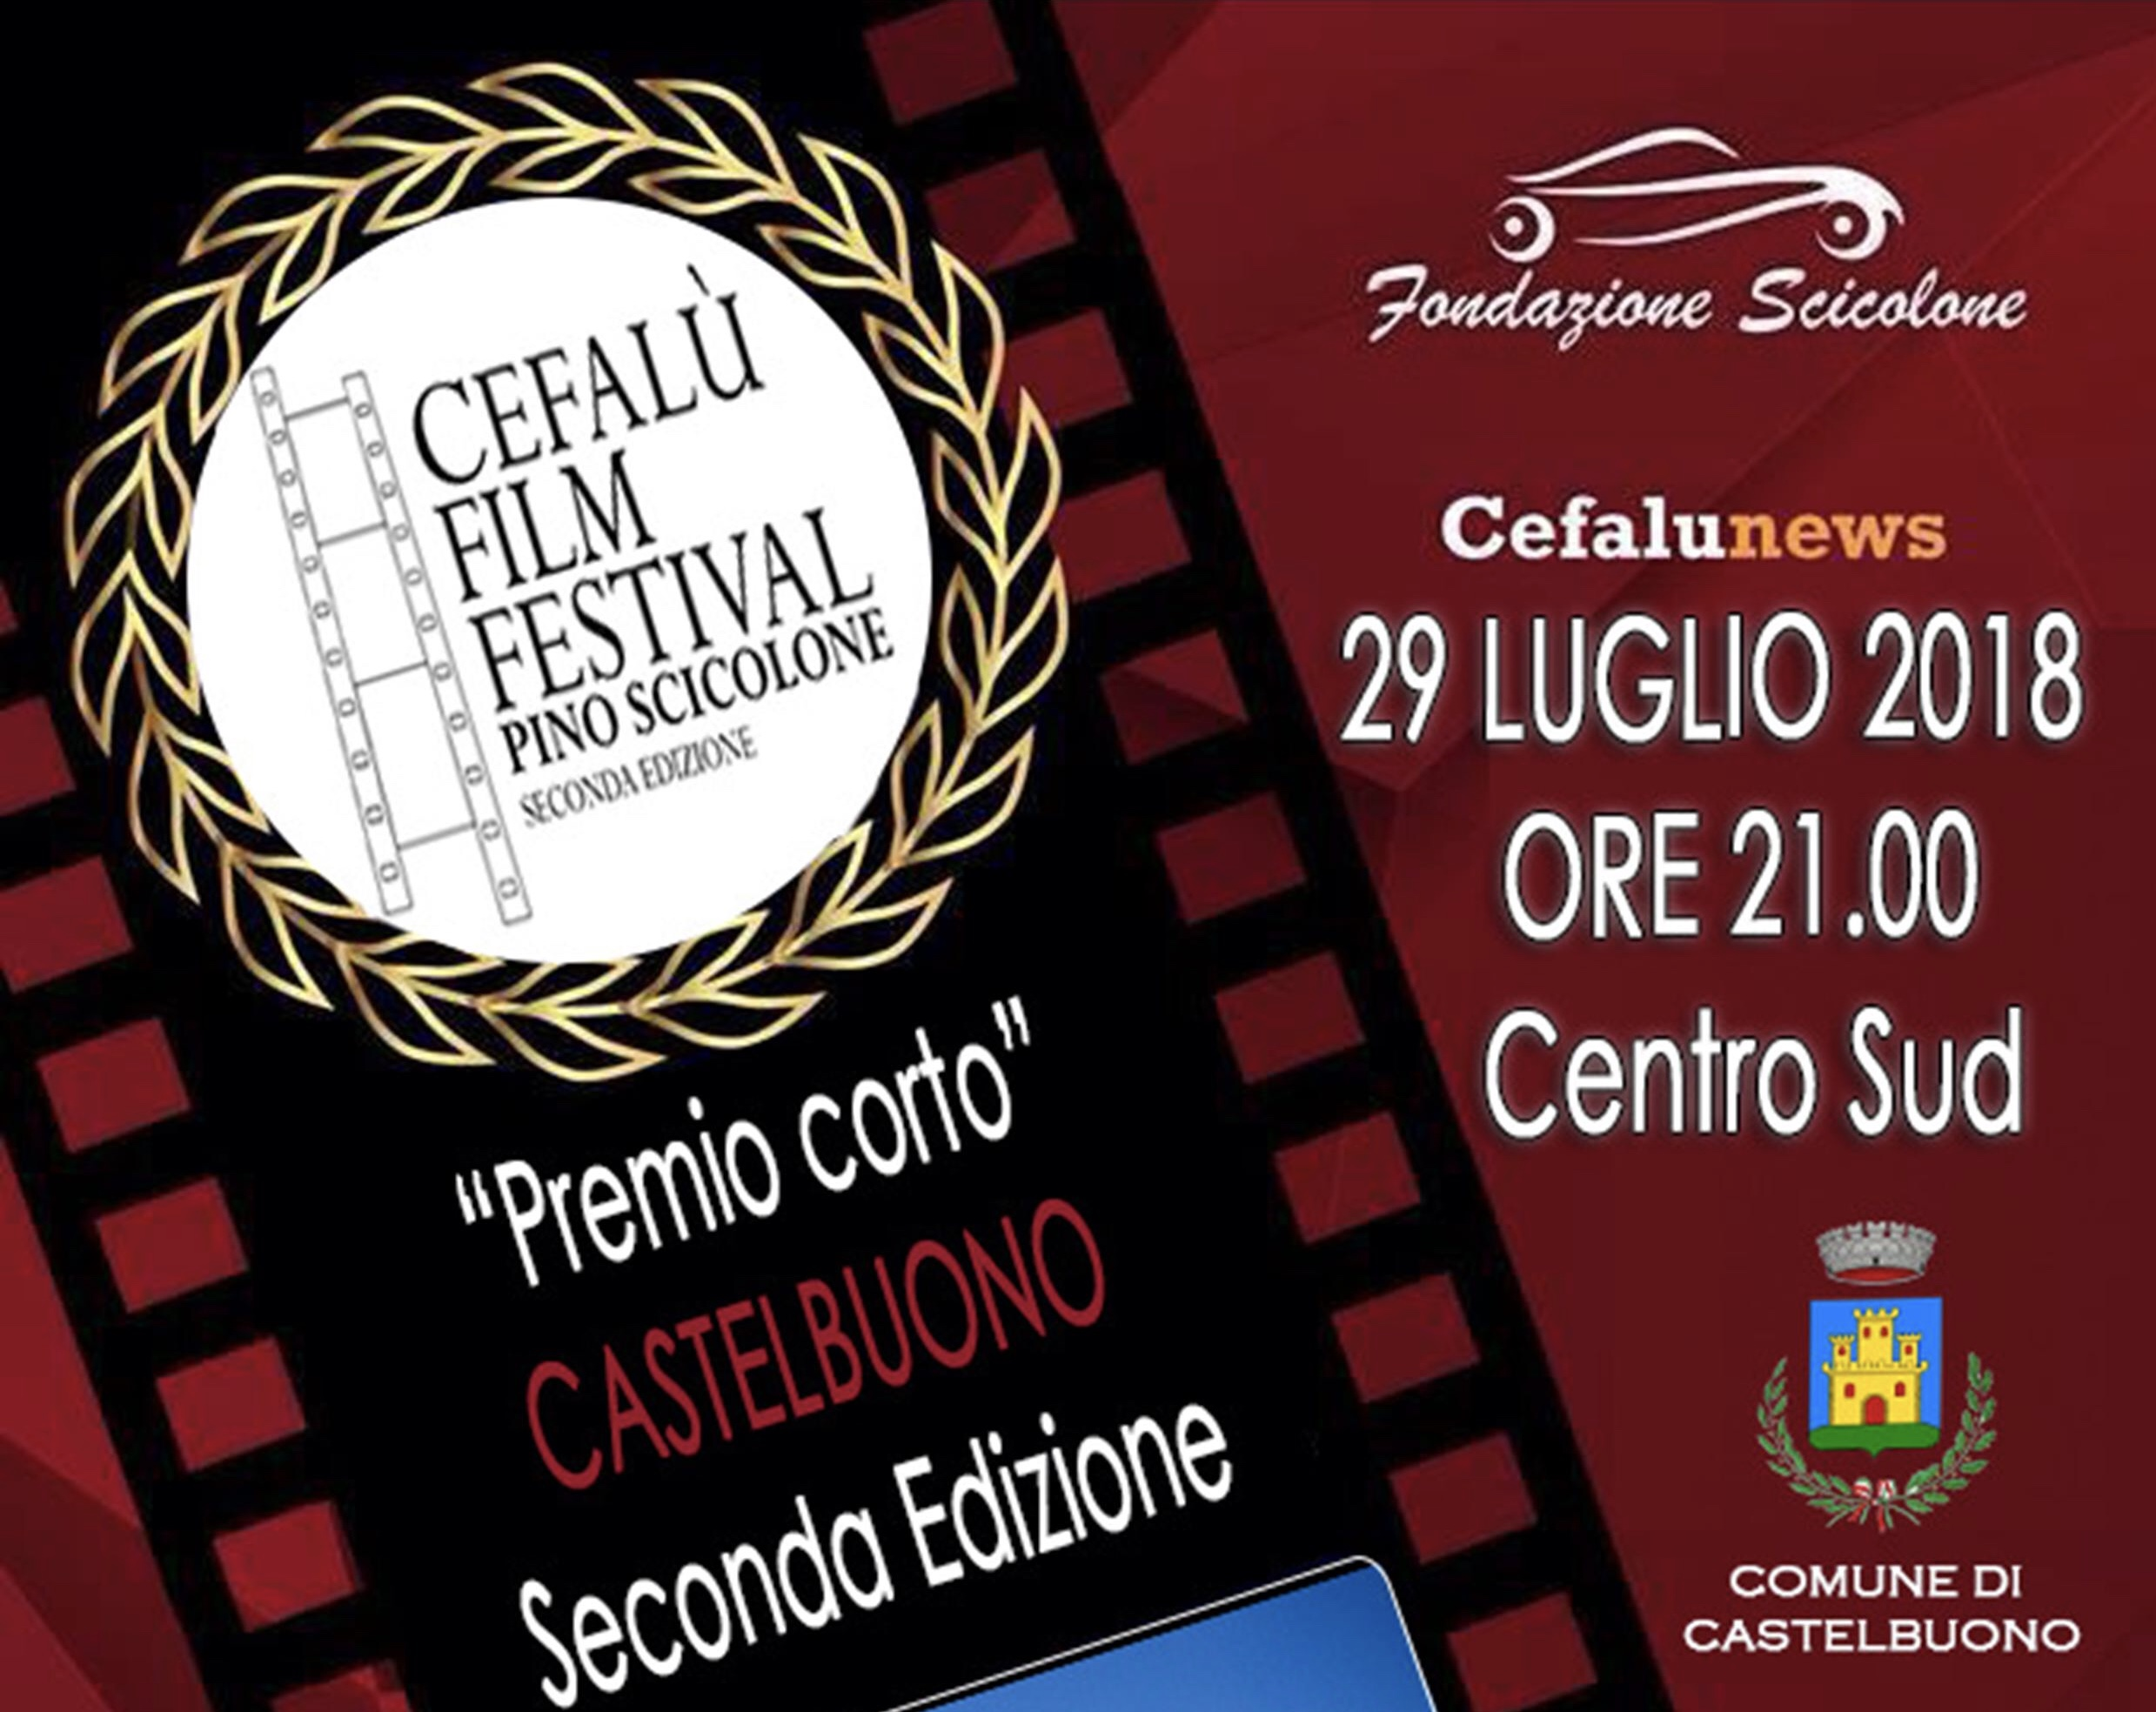 Il Cefalù film festival sbarca a Castelbuono: i corti in gara